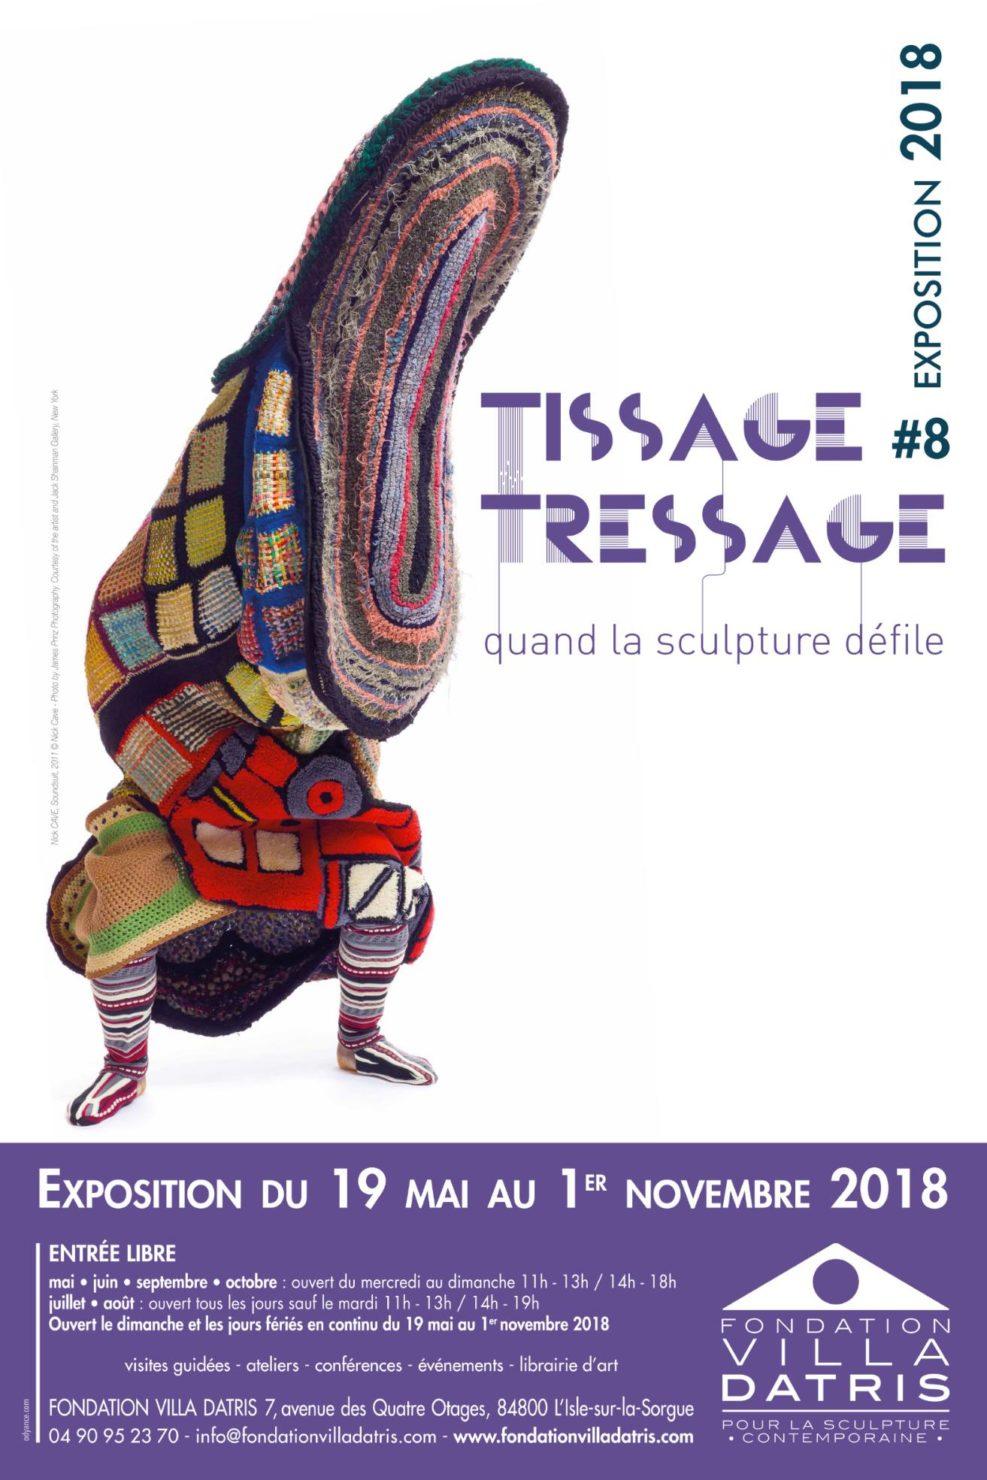 19.05.2018 – 01.11.2018 | Tissage Tressauge. Quand la sculpture défile – FONDATION VILLA DATRIS | L'Isle-sur-la-Sorgue